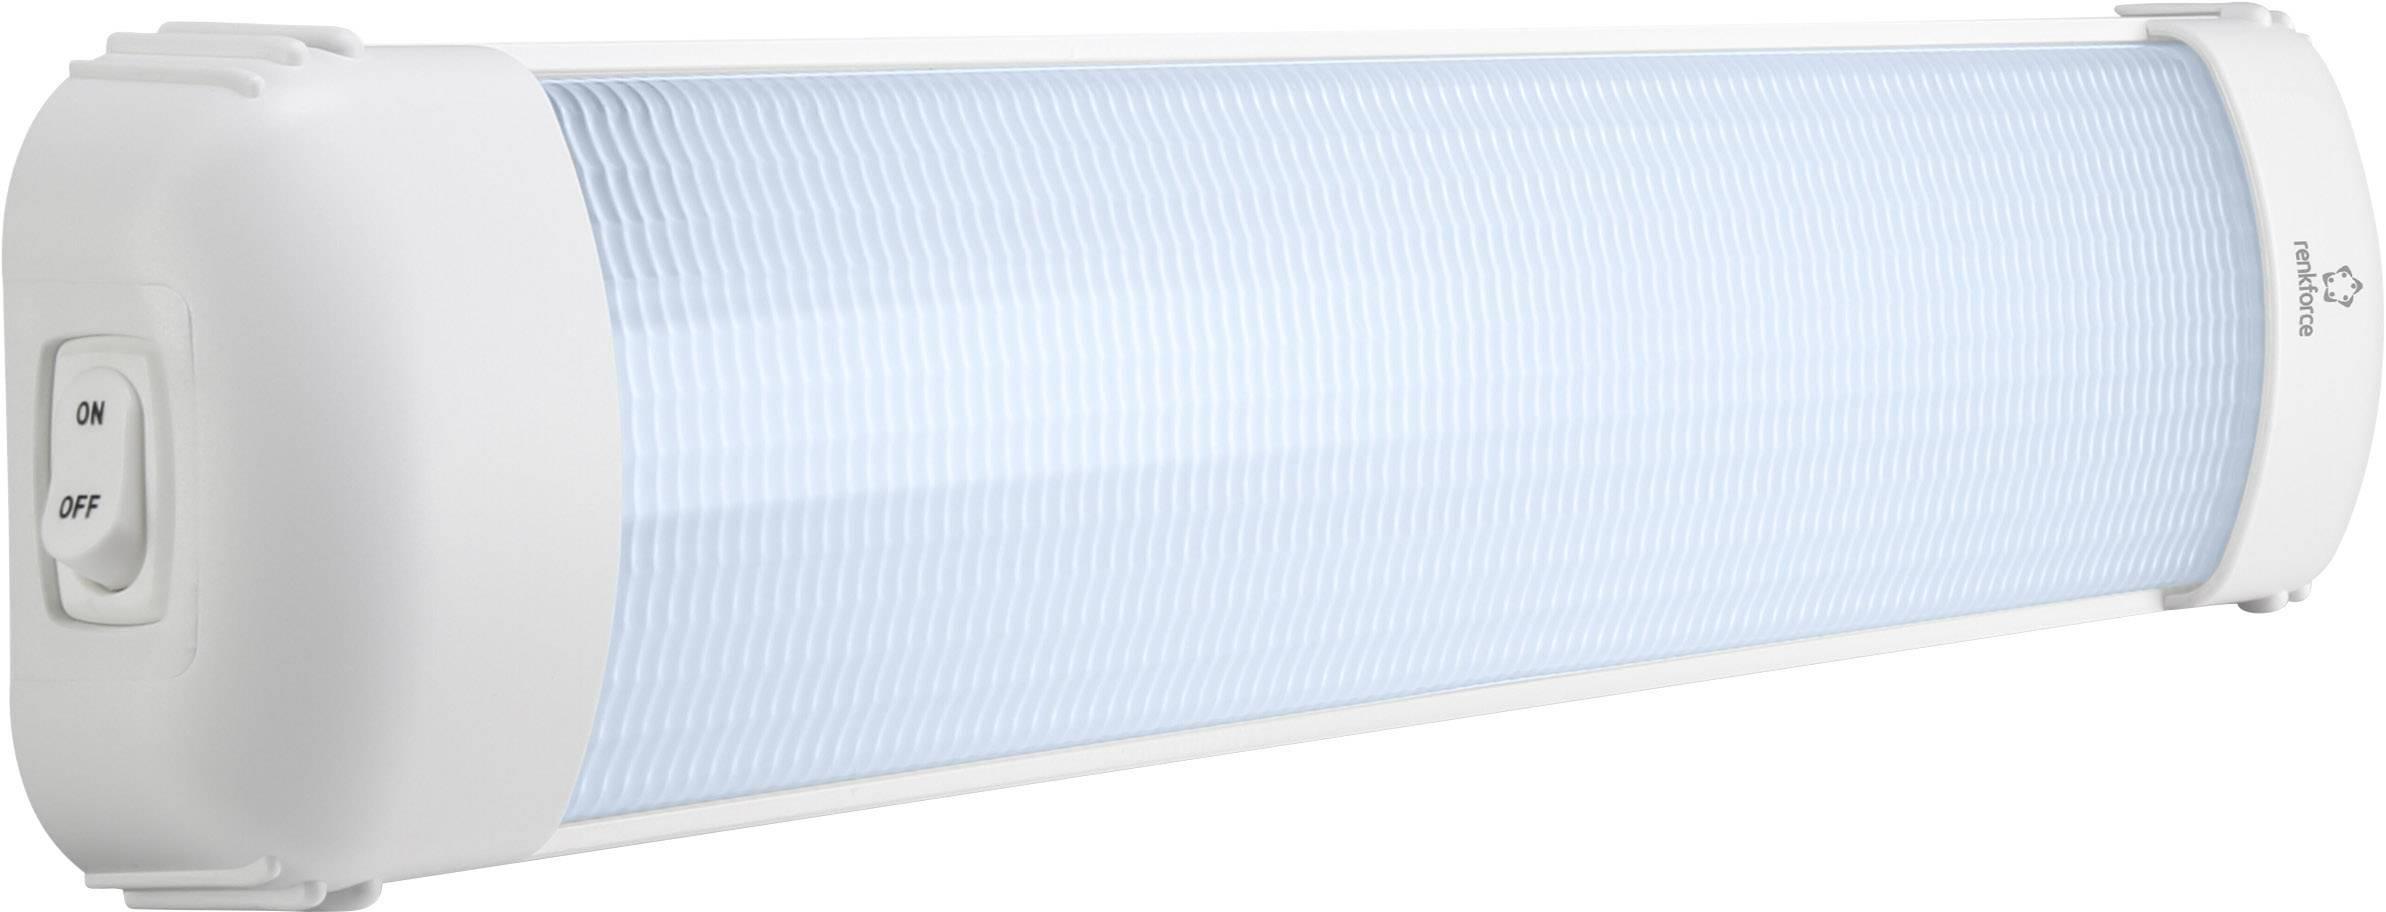 Vnitřní LED osvětlení do auta Renkforce 1503017, 5.2 W, (š x v x h) 387 x 75 x 34 mm